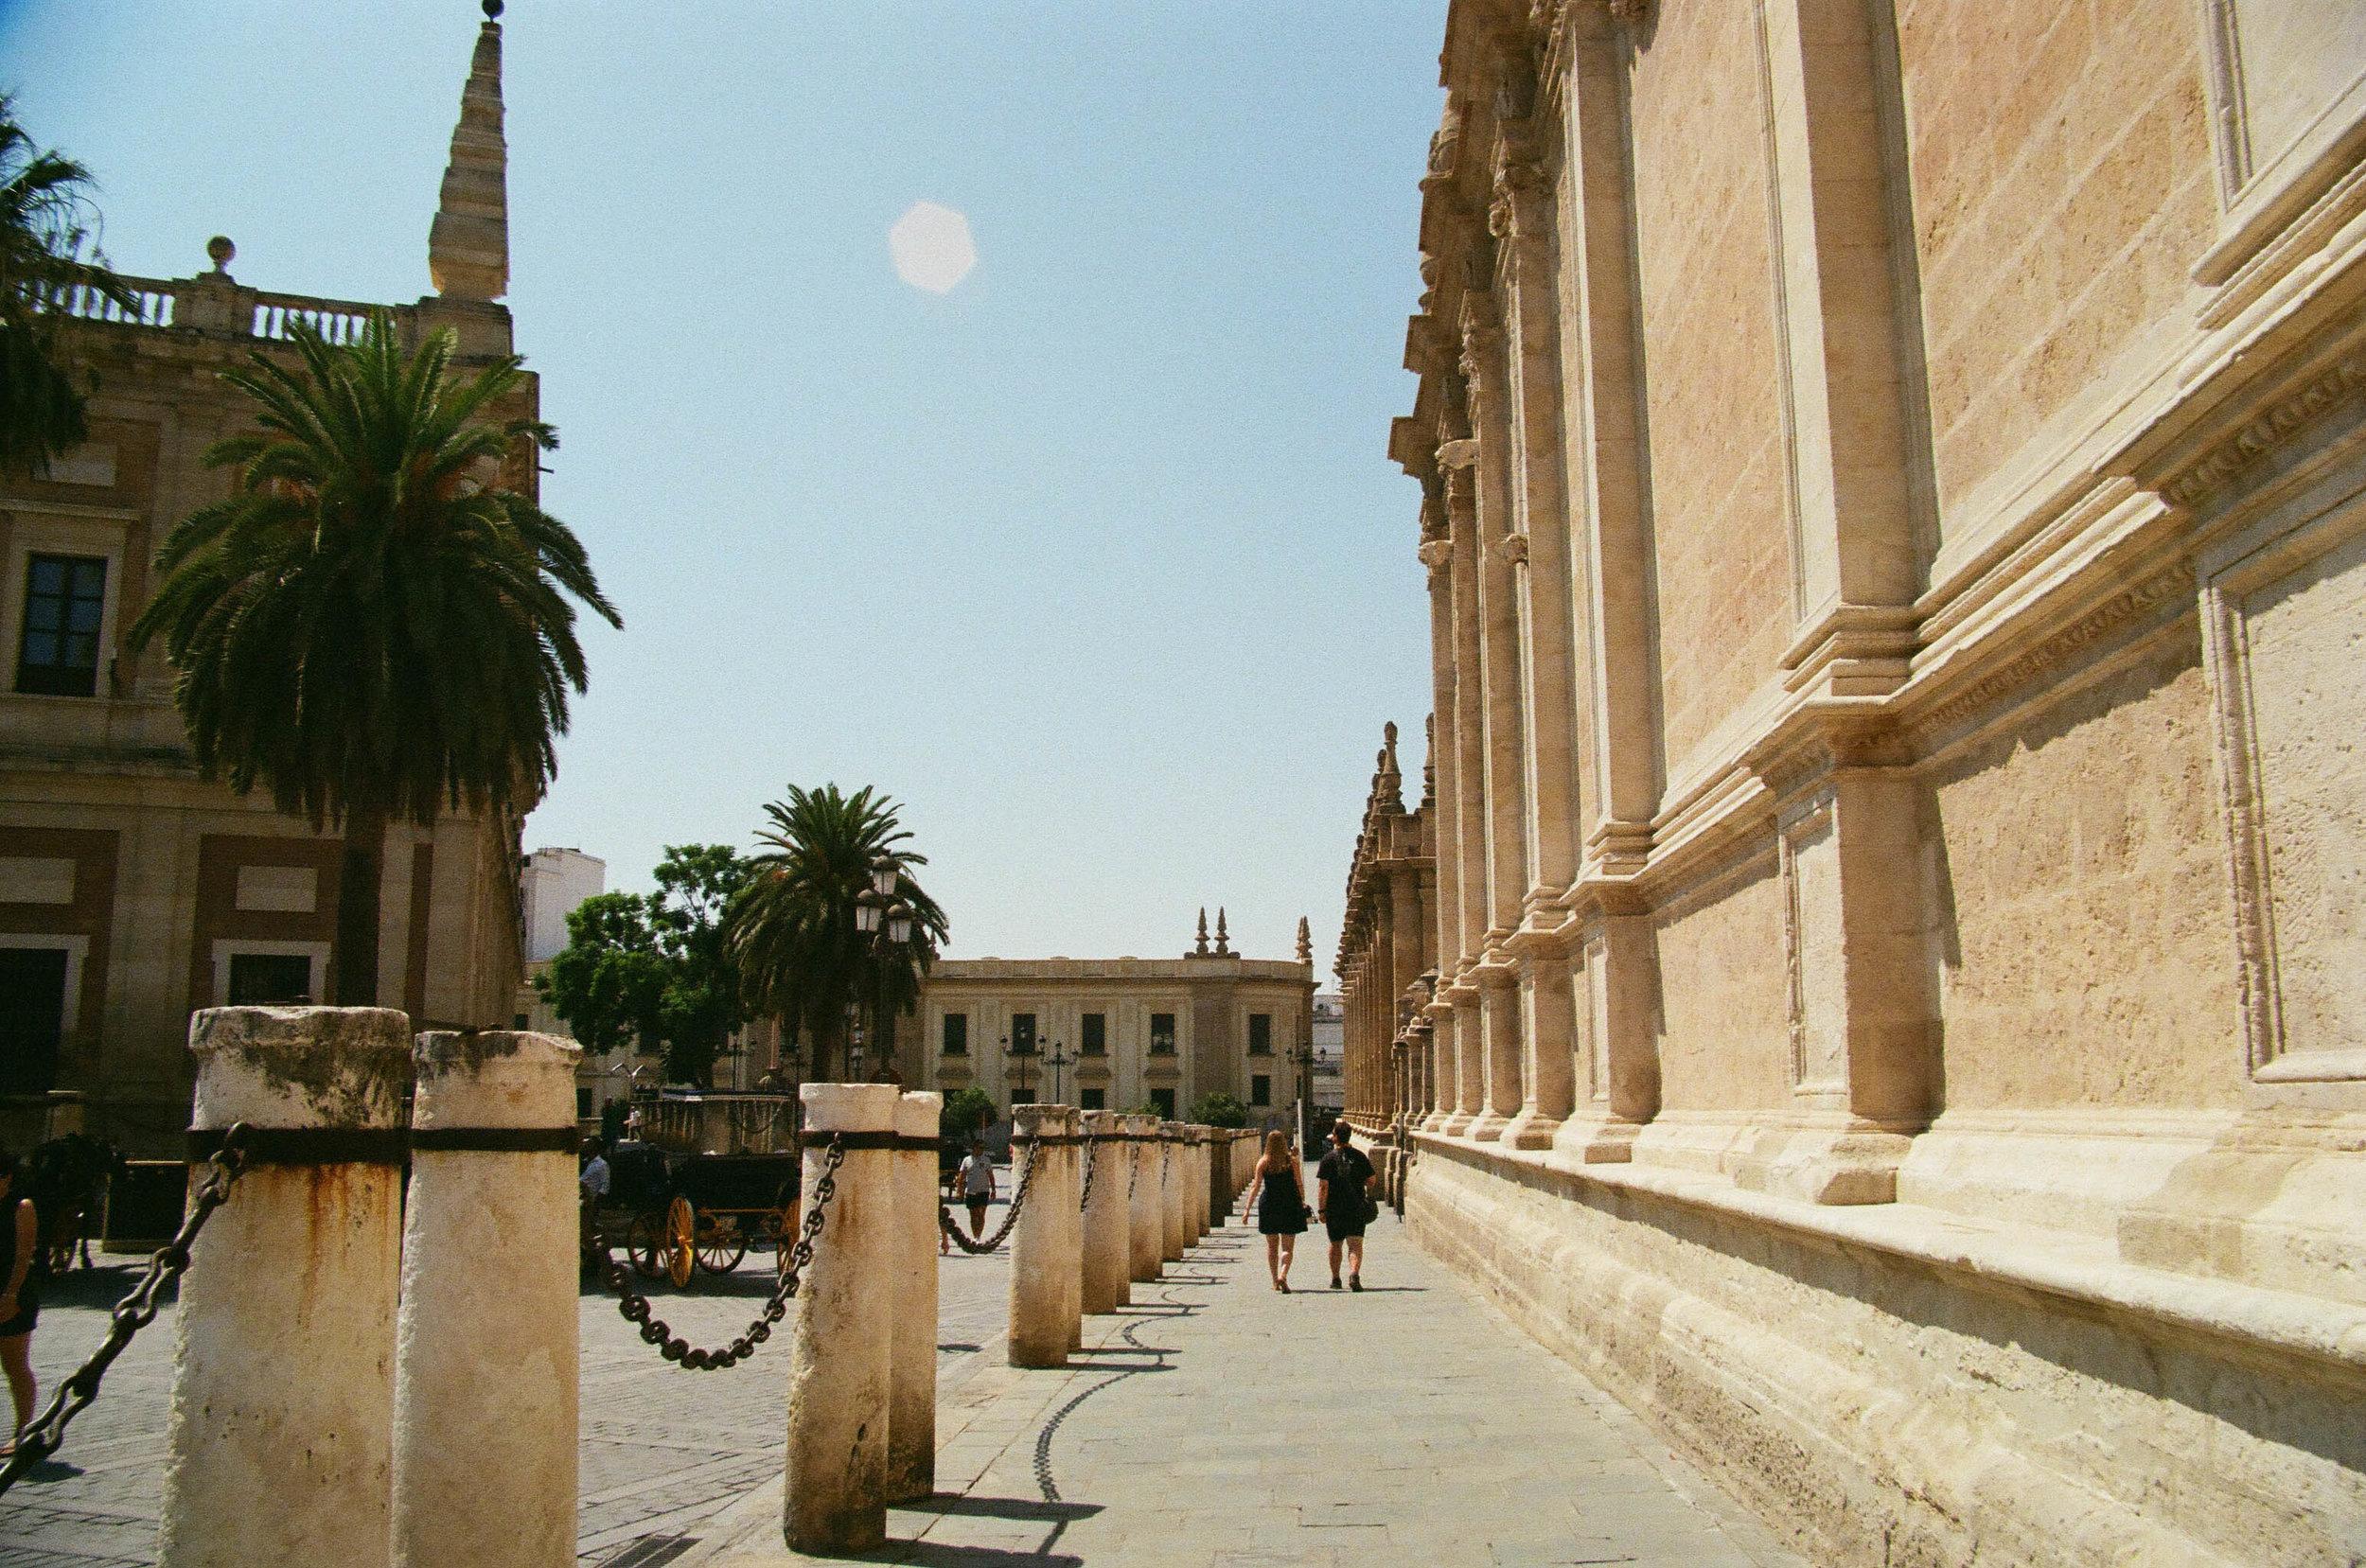 Seville_04.jpg